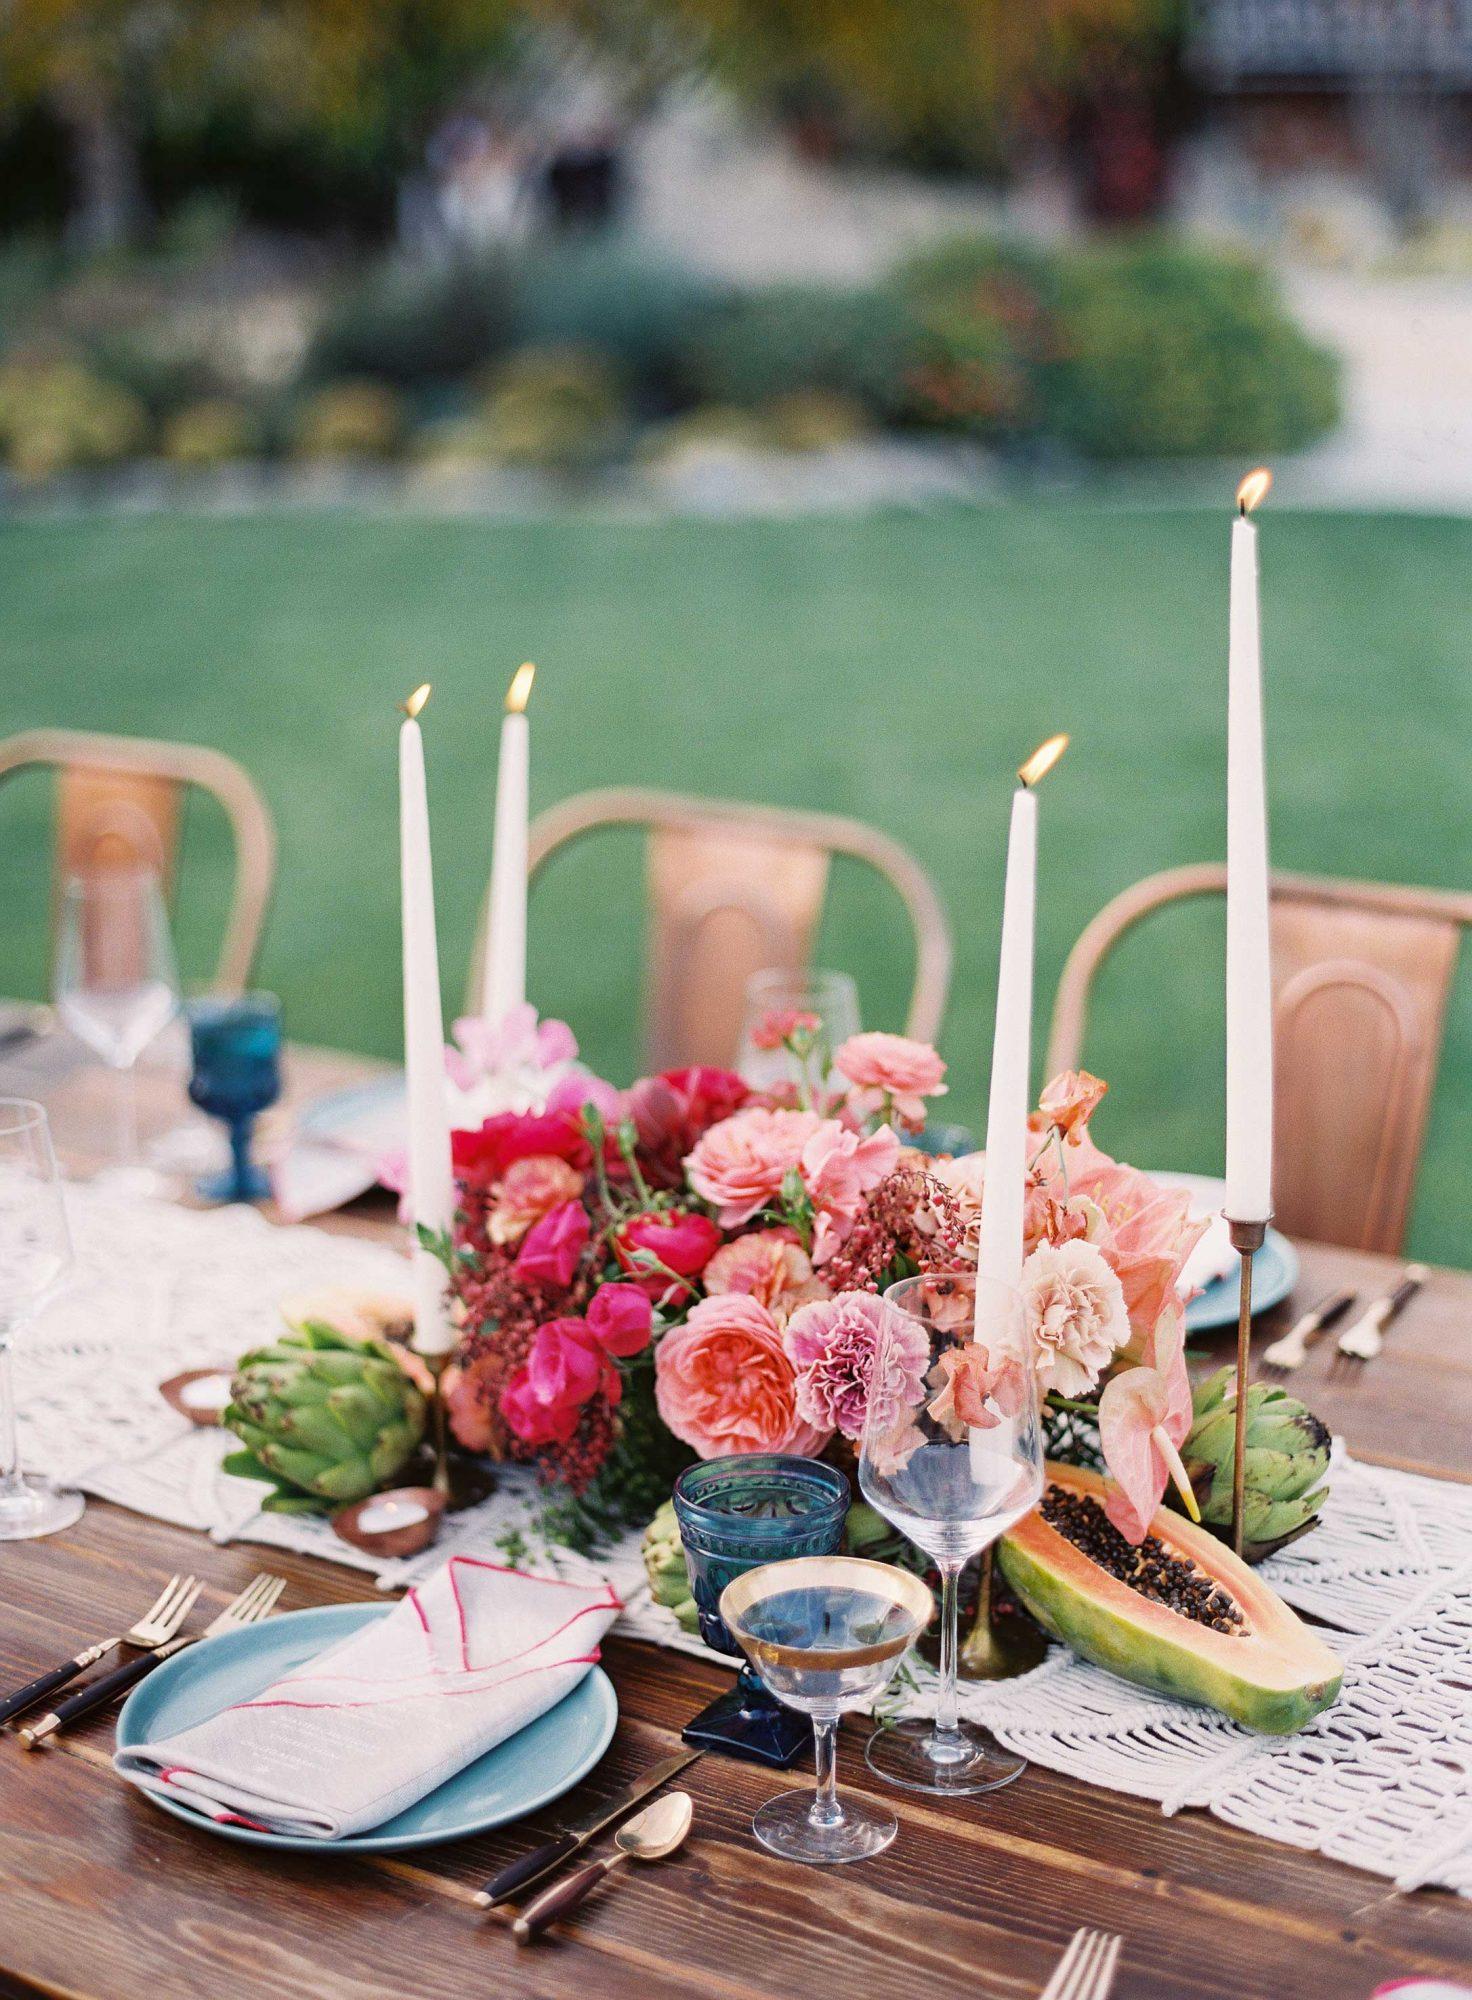 Kaarsen bij bruiloft diner